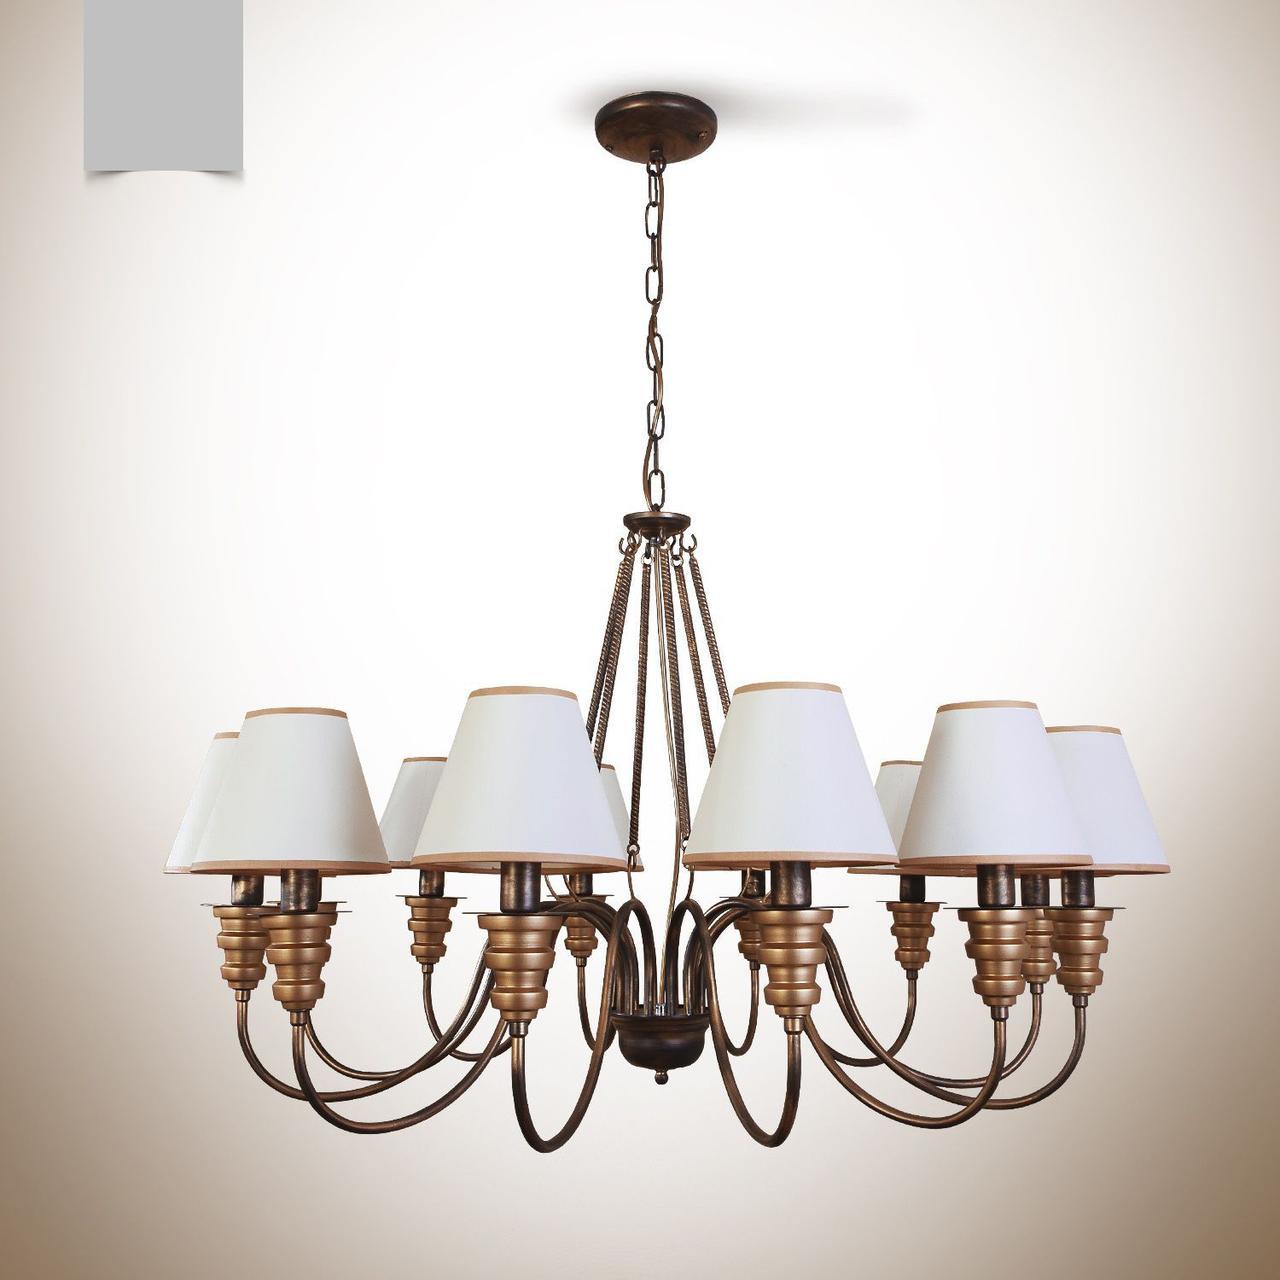 Люстра металлическая с абажурами в большую комнату с высоким потолком 12-ти ламповая  12603